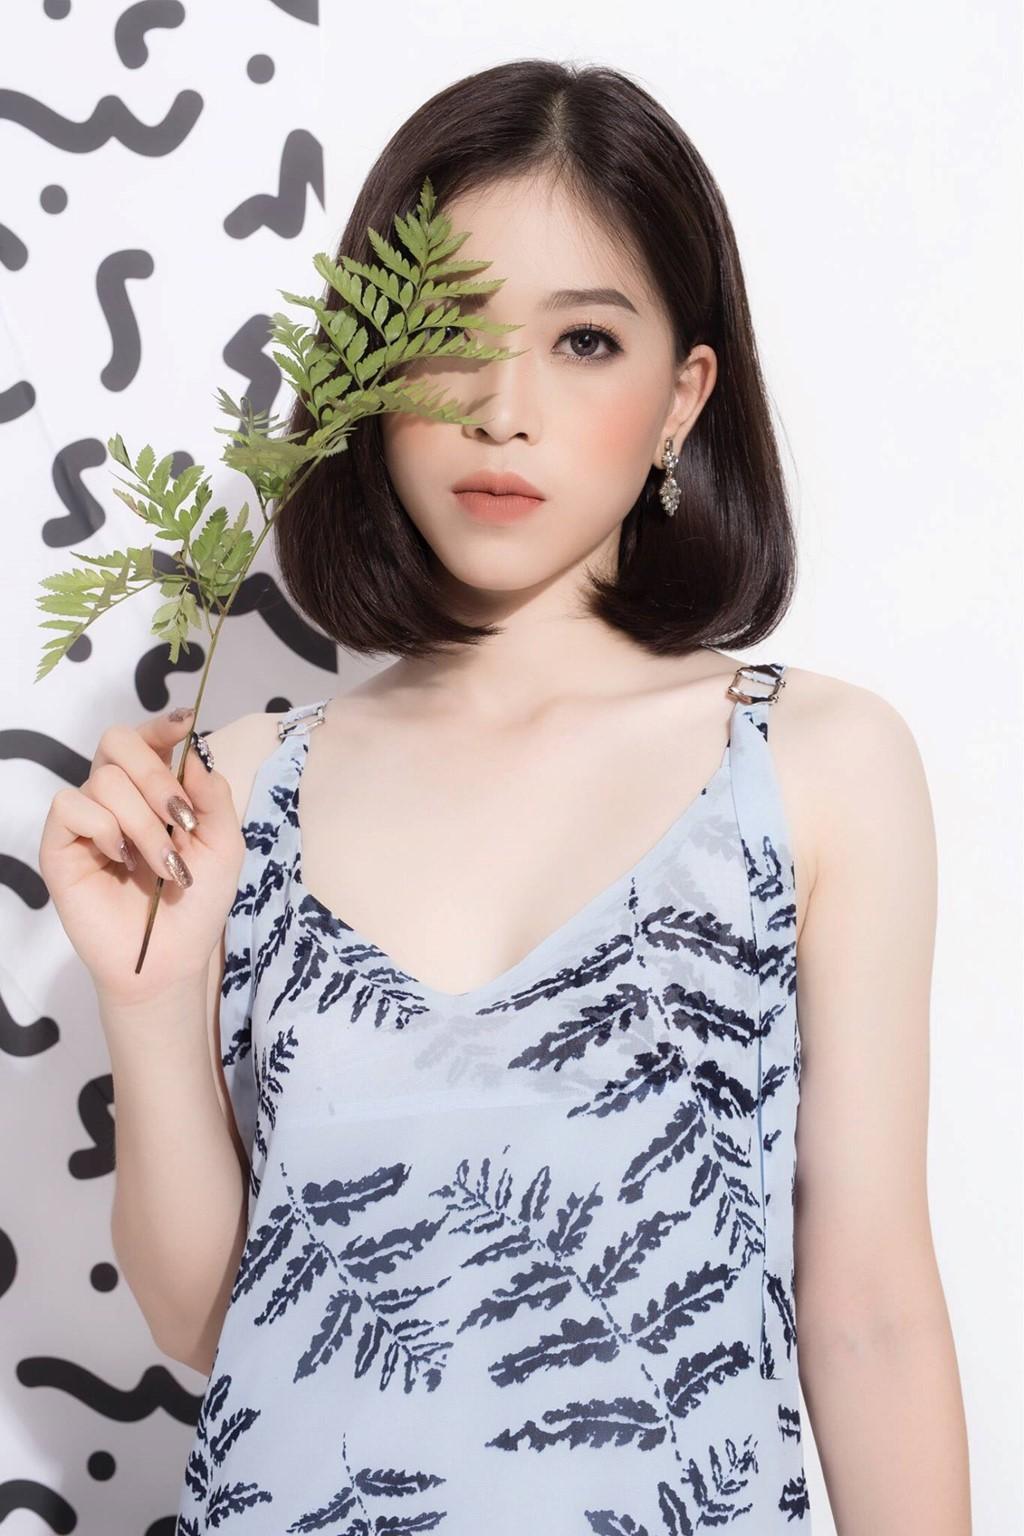 Đây là ngôi trường có 3 thí sinh được đánh giá sẽ kế nhiệm Đỗ Mỹ Linh đăng quang Hoa hậu Việt Nam 2018 - Ảnh 4.